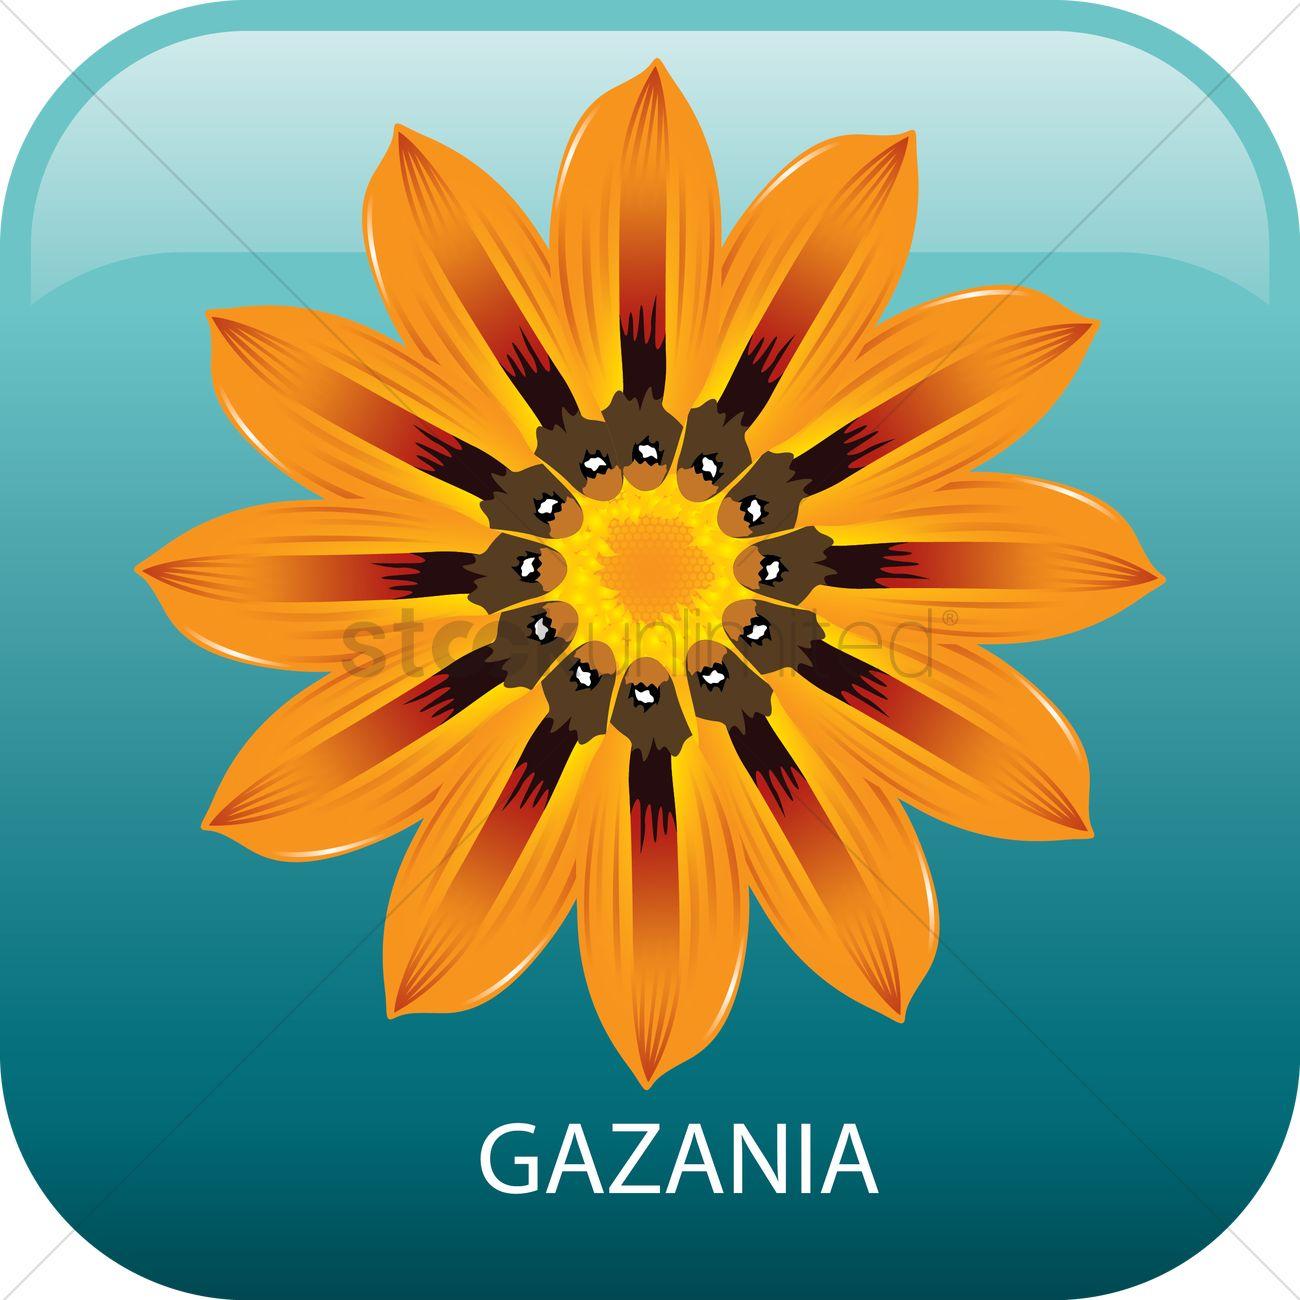 Gazania clipart #17, Download drawings